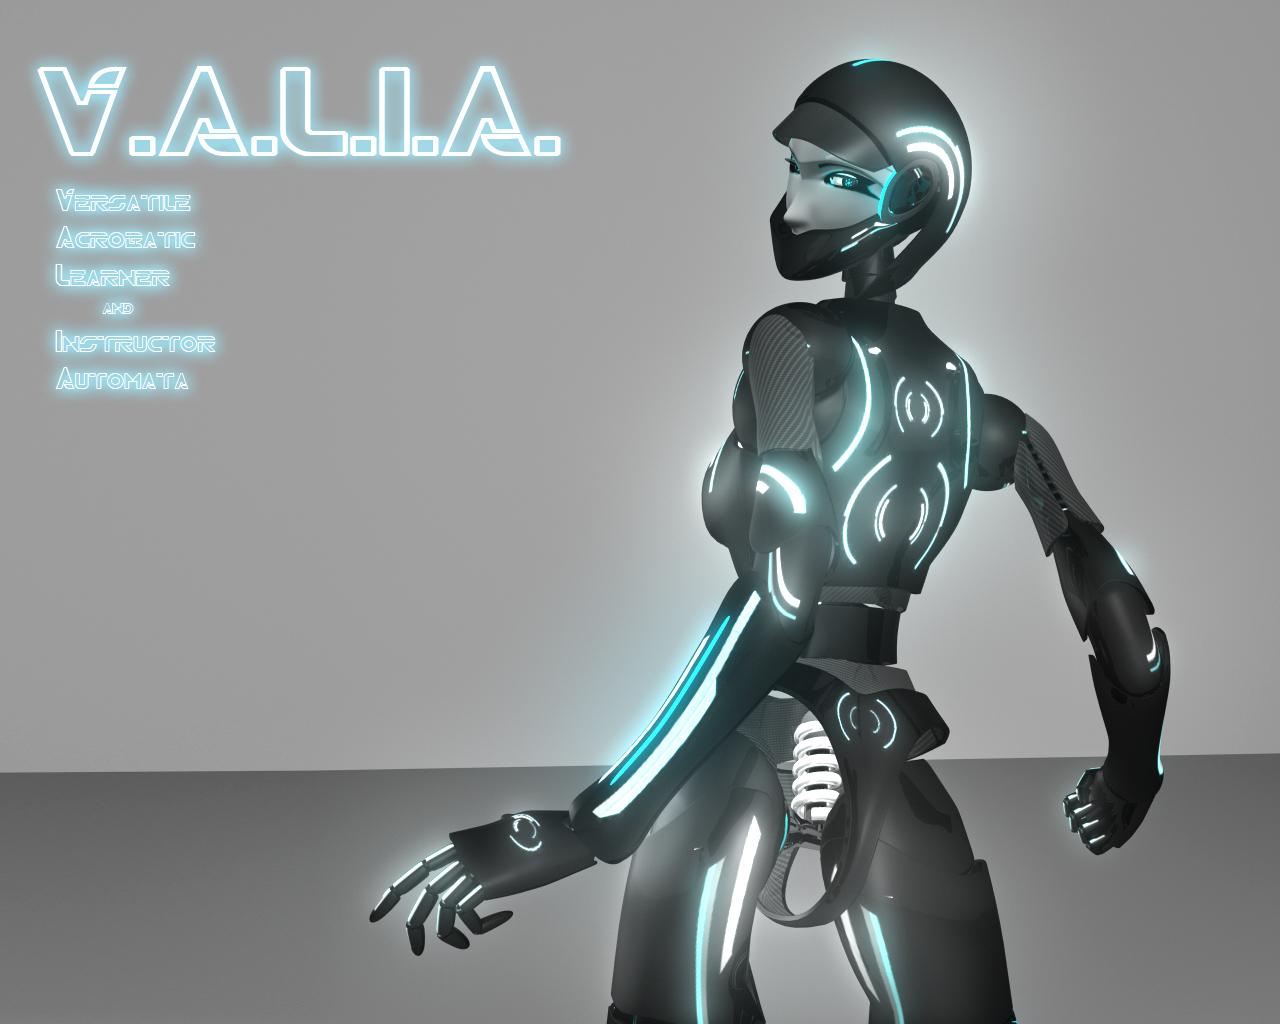 V.A.L.I.A. Tron Version by X4vrztesp